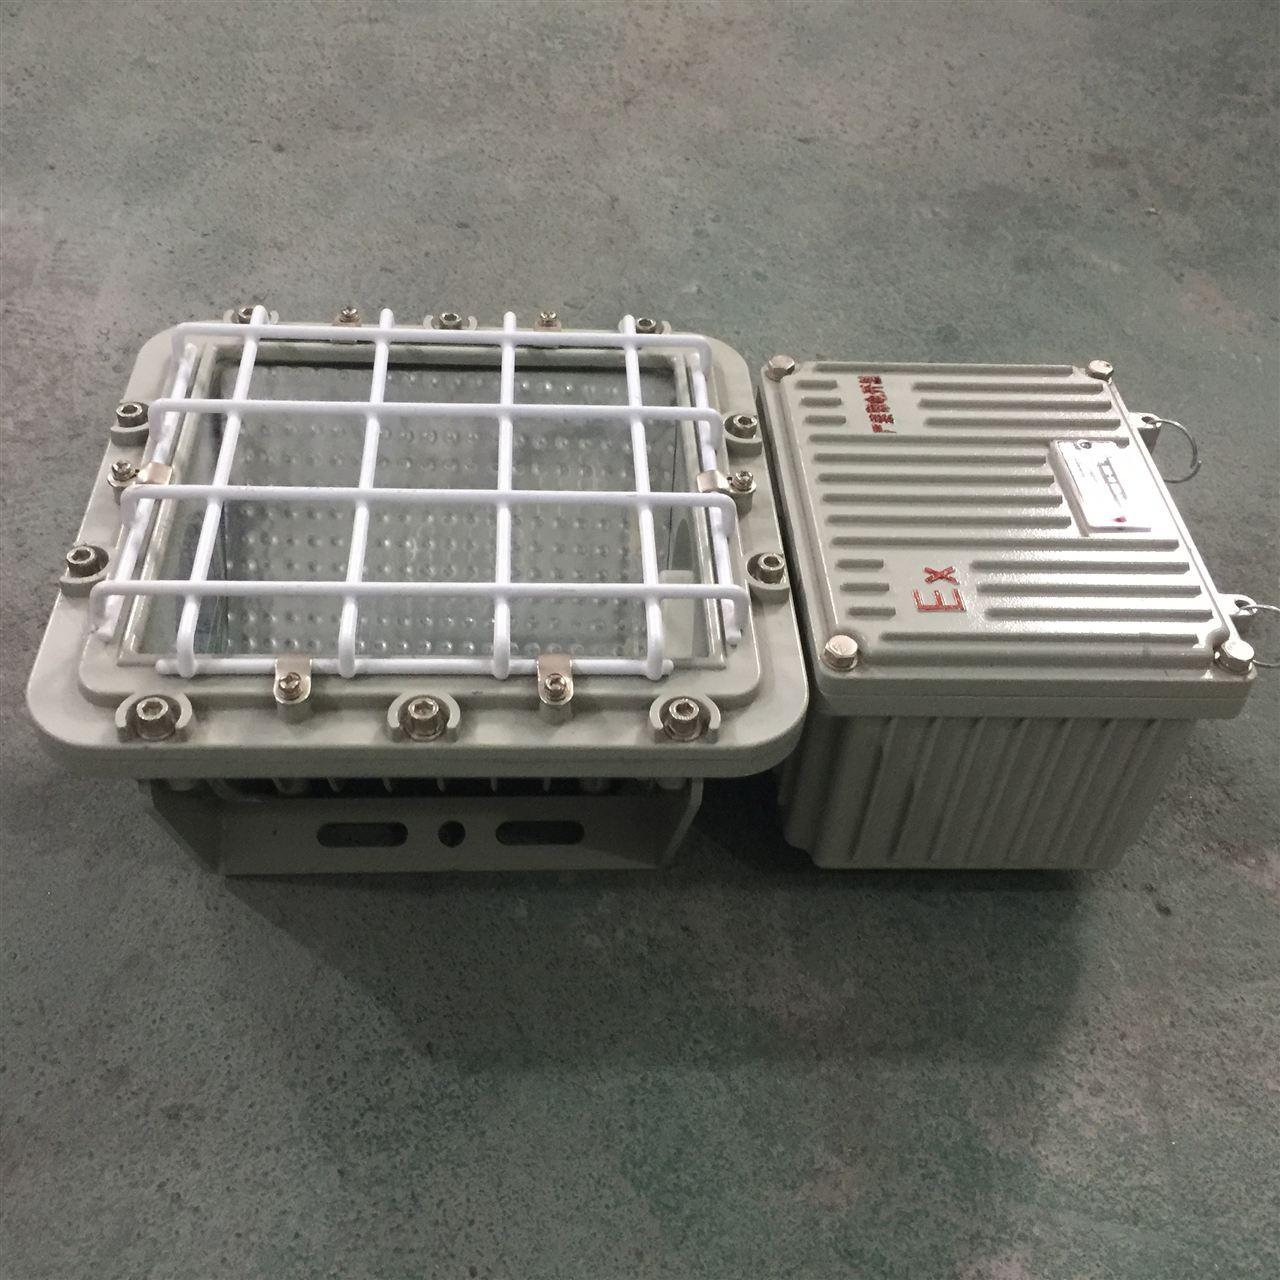 防爆金卤灯:我们根据不同的瓦数(俗称:灯具长度)配用不同的壳体,跟光源配用相应的镇流器可以根据客户要求来配用不同的壳体分体式:镇流器箱独立一个壳体,一体式:镇流器跟光源在一个灯具里,主要把灯具分为光源腔和接线腔。 防爆金卤灯是一种发光管内部利用除水银、氩气外,还封入其它卤化金属化合物作为发光物质发光的一种高压放电灯。 1.